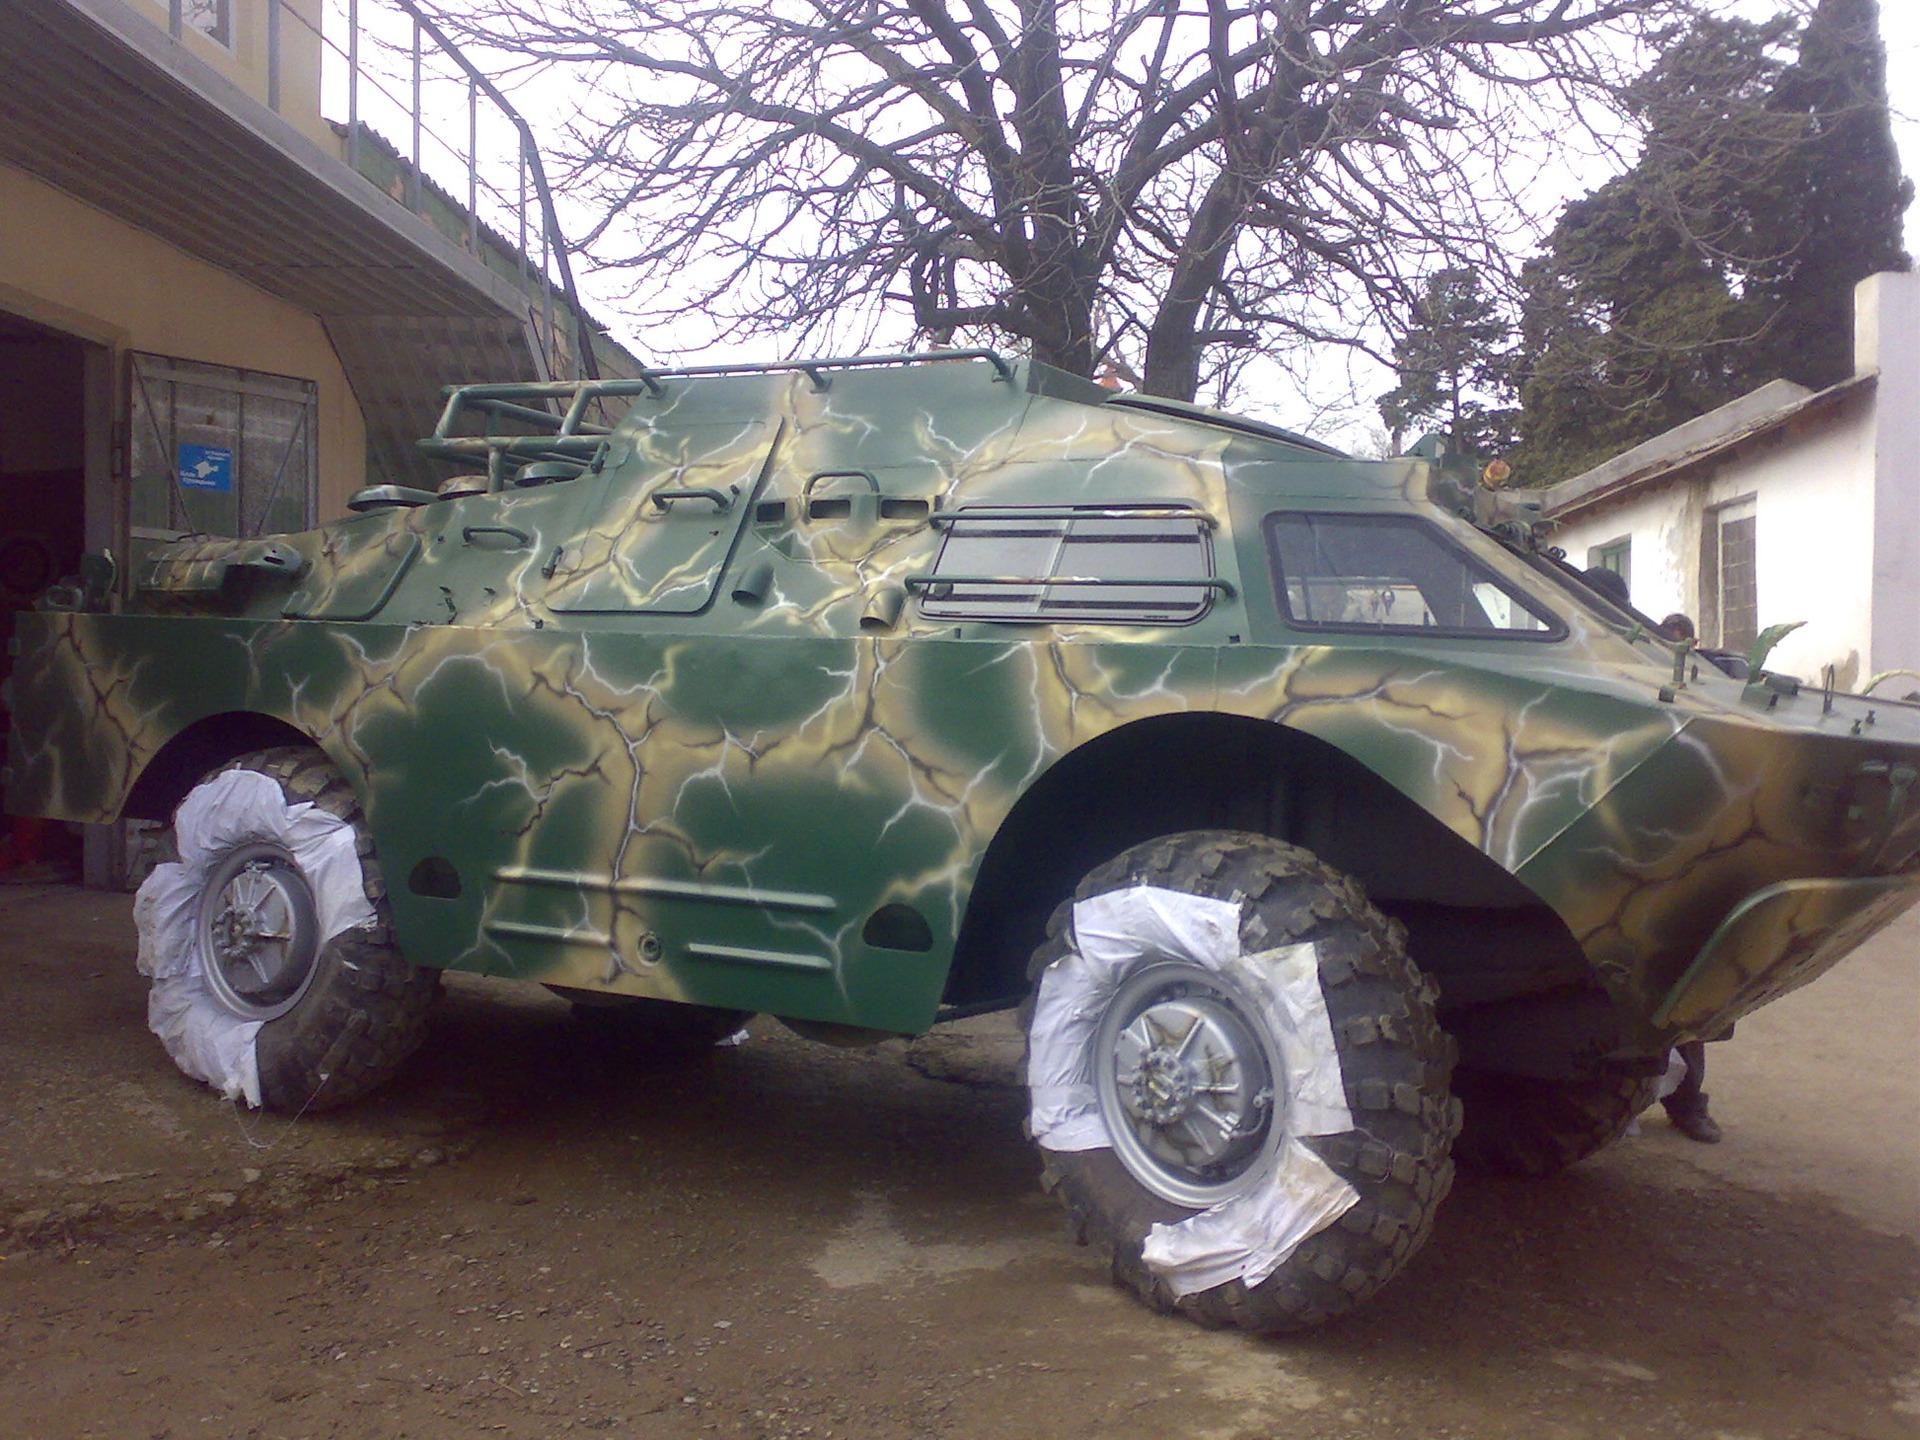 Покраска УАЗа в камуфляж своими руками - Ремонт и тюнинг кузова 72